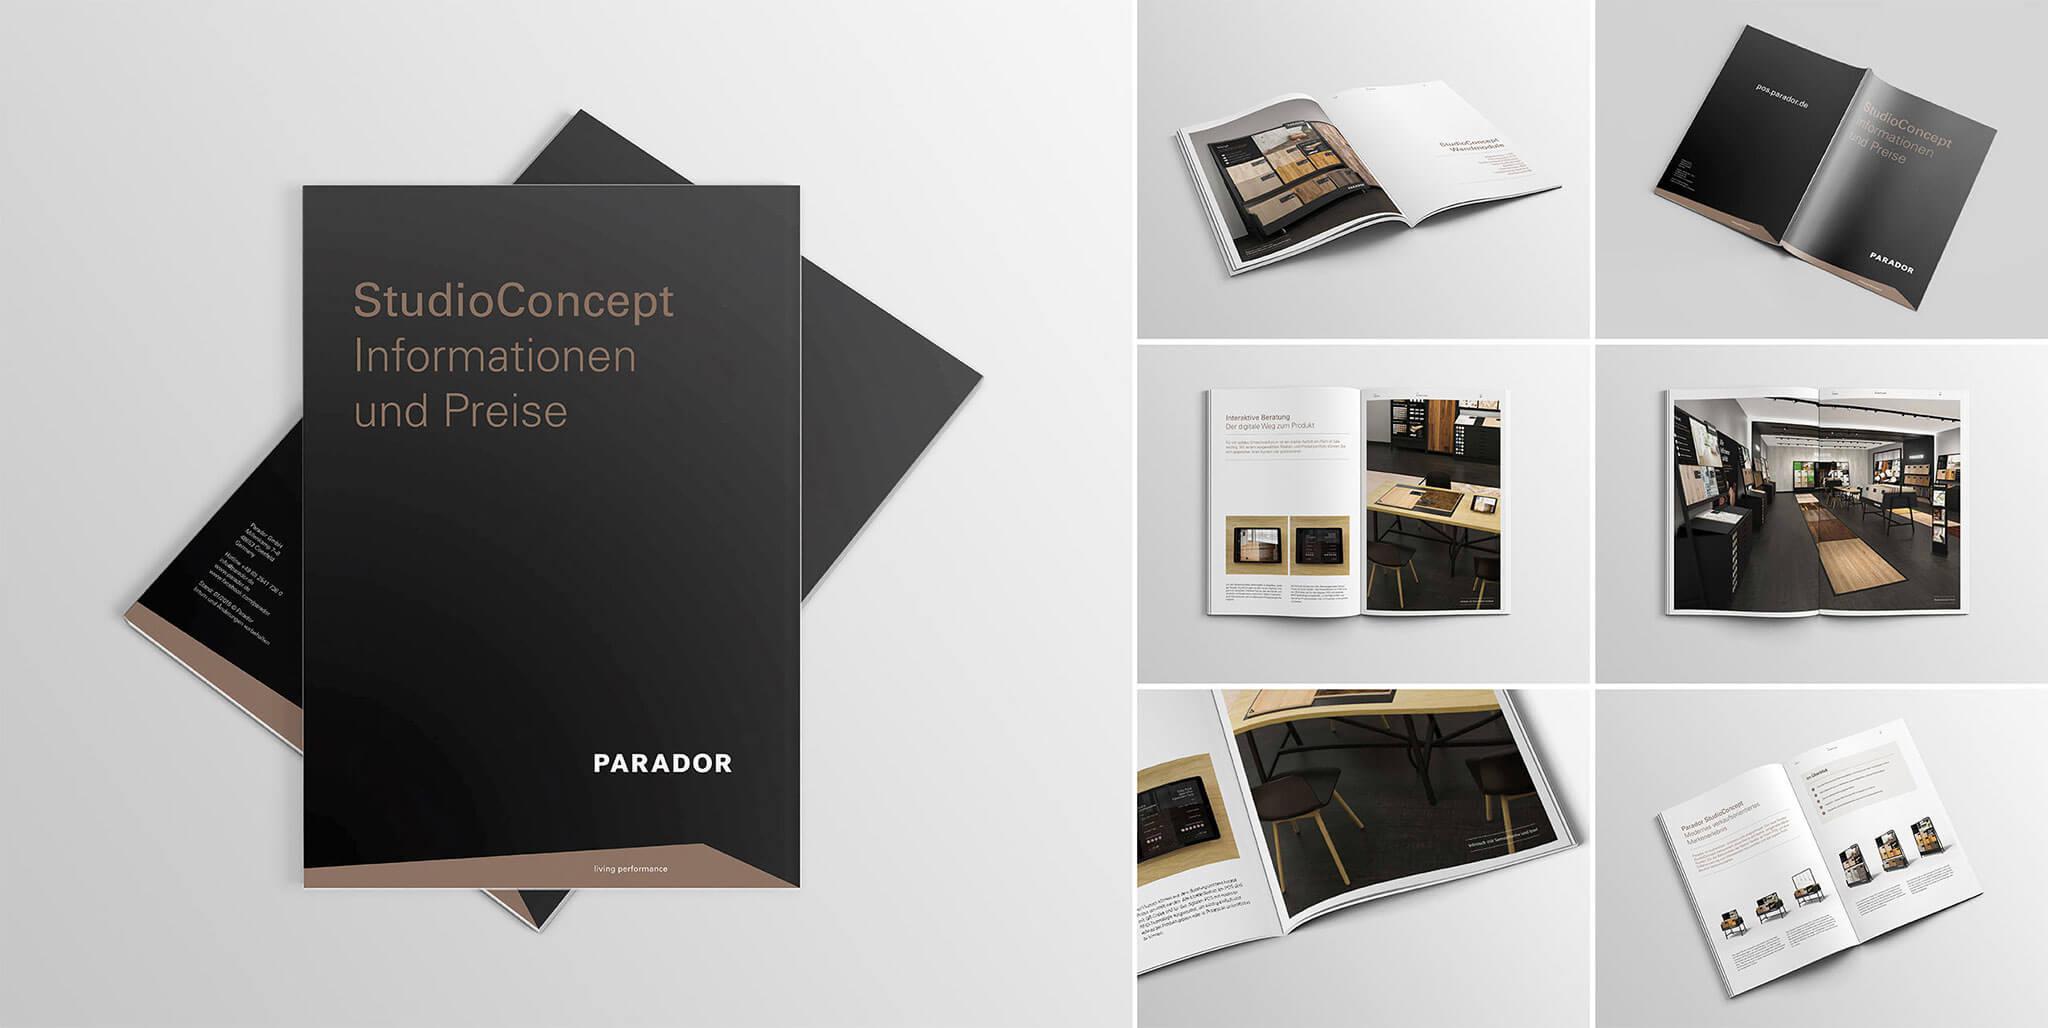 Parador Preisliste: Design von Agentur Preussisch Portugal aus Hamburg